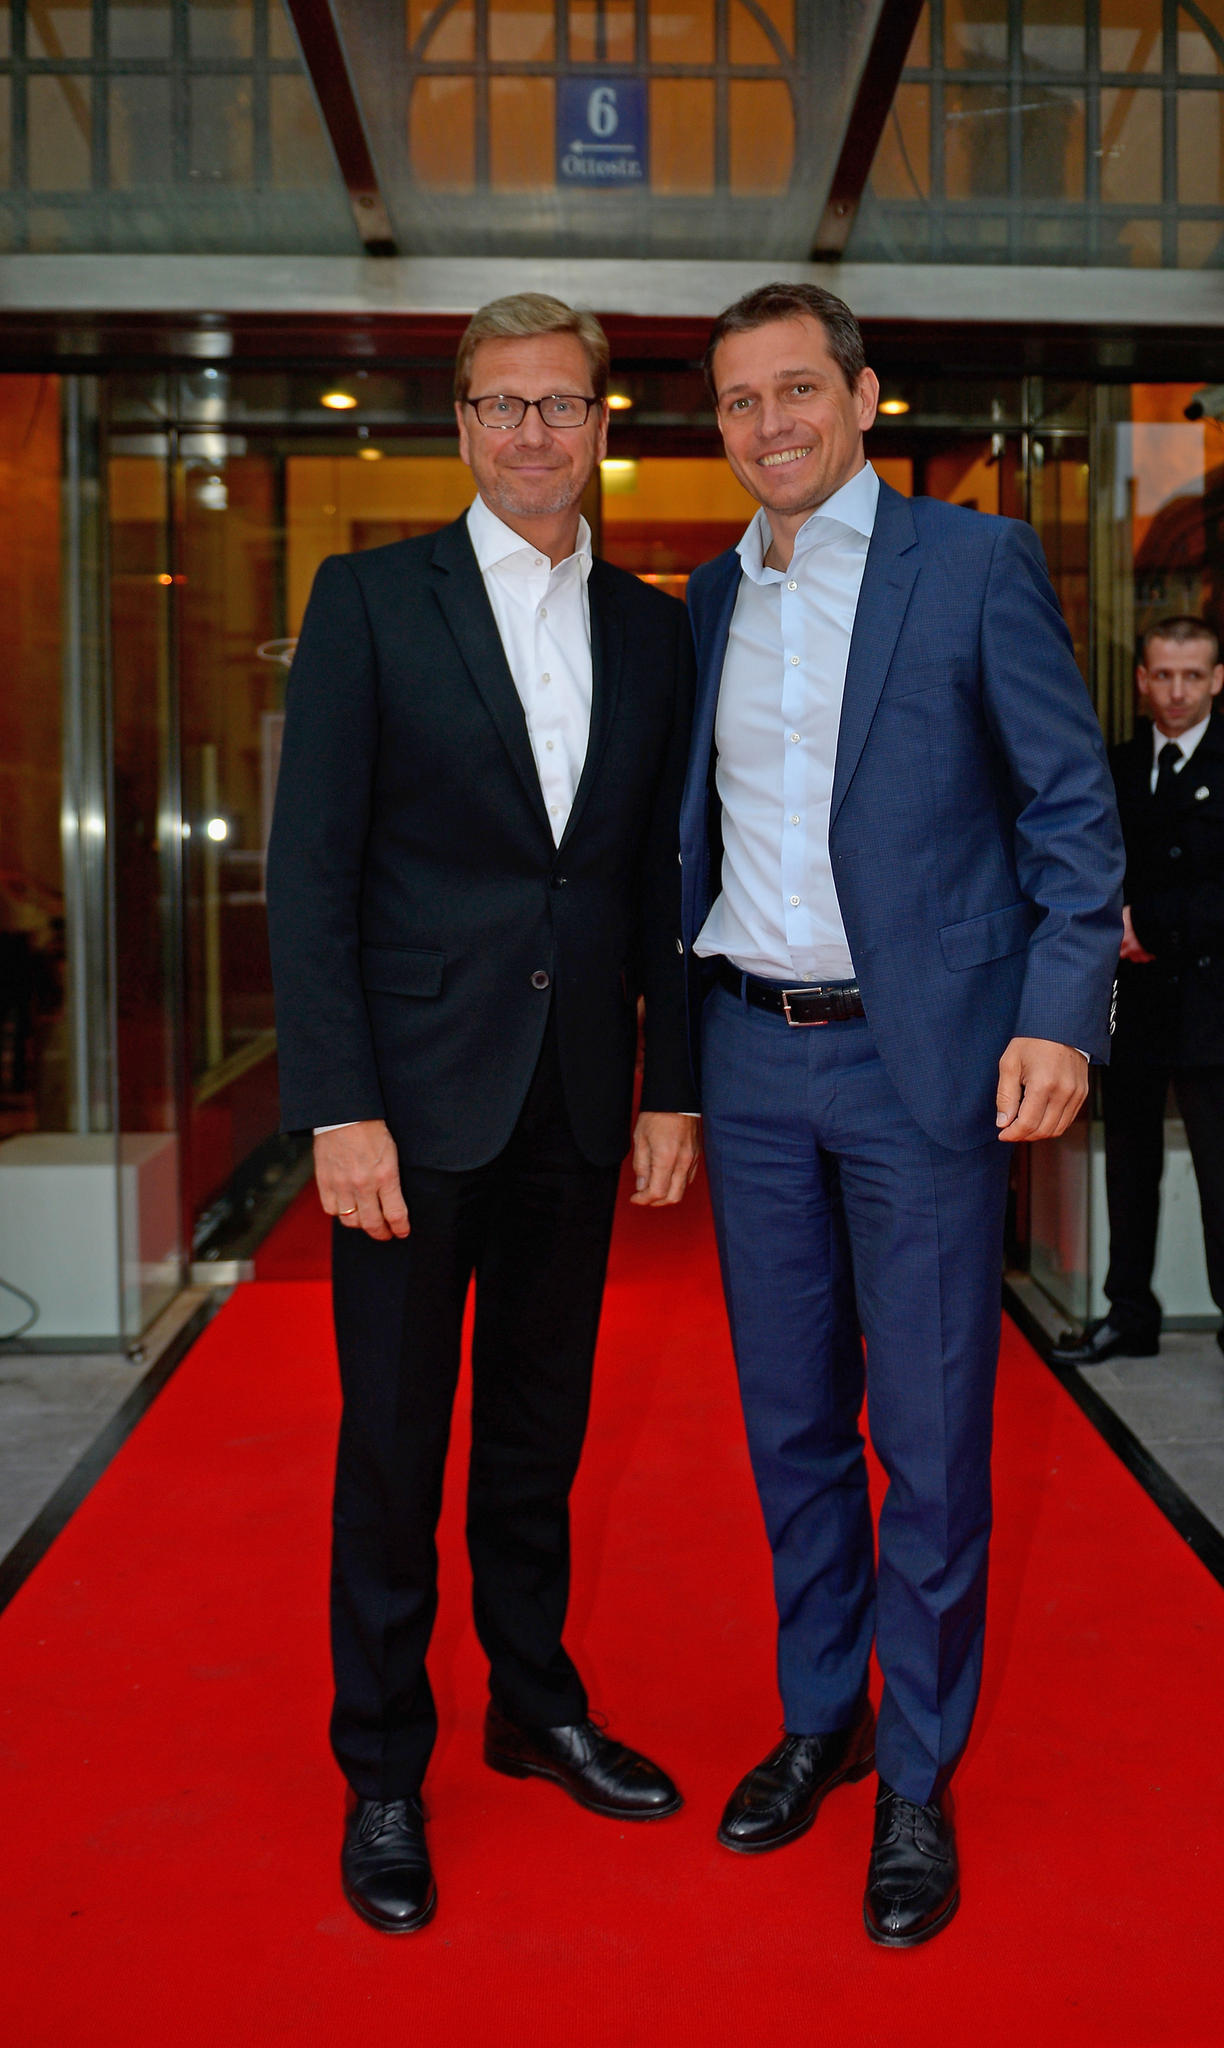 Guido Westerwelle und Michael Mronz im Jahr 2014